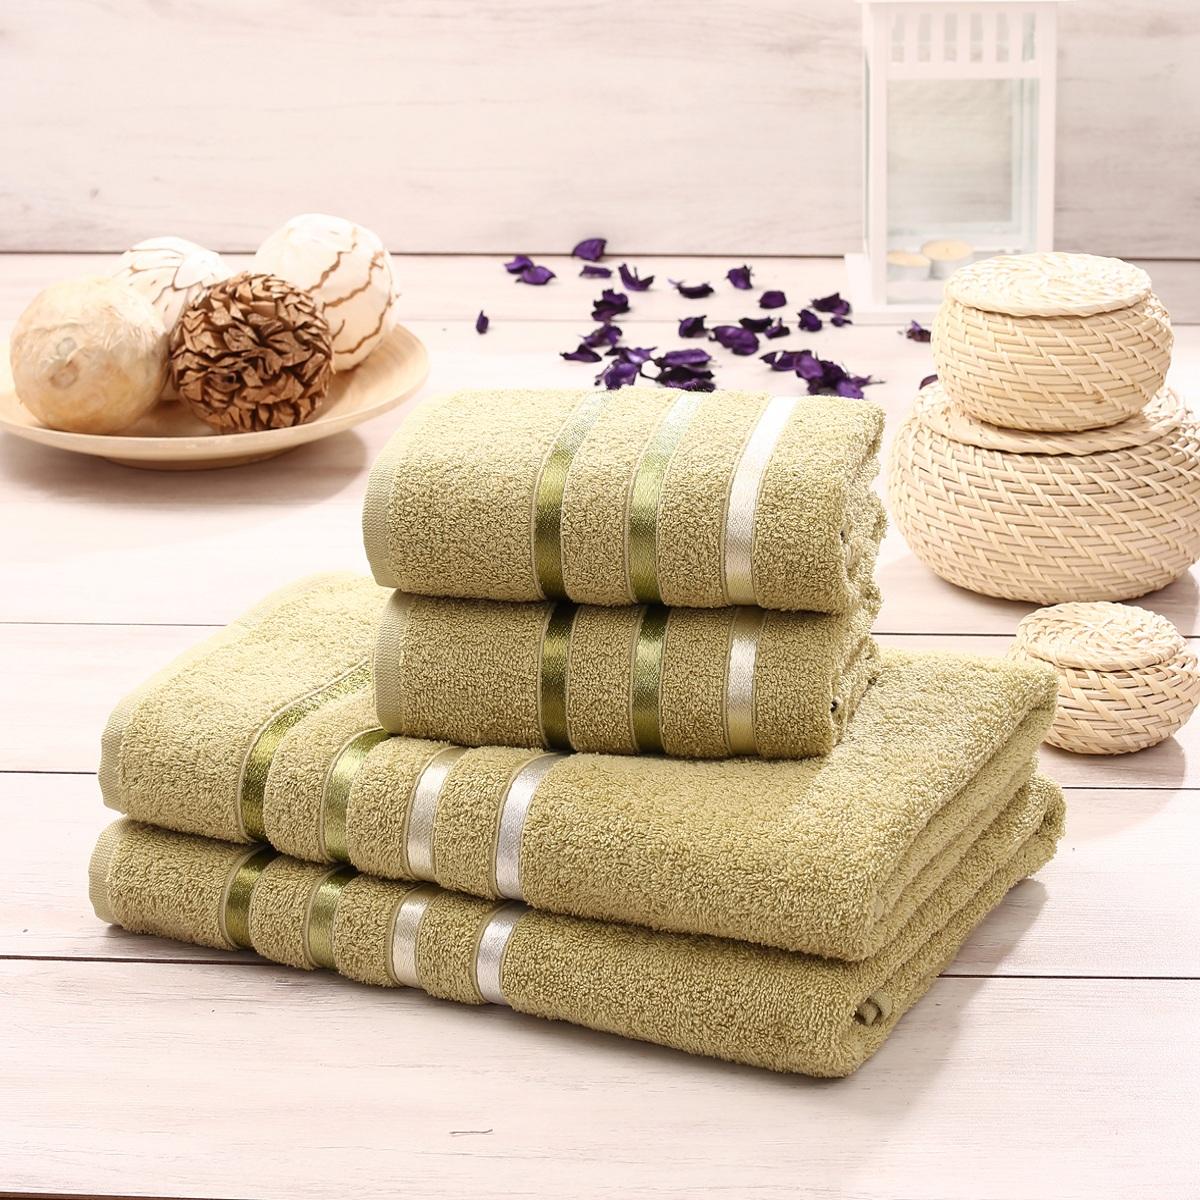 Набор полотенец Karna Bale, цвет: салатовый, 50 х 80 см, 70 х 140 см, 4 штУзТ-ПМ-114-09-03кНабор полотенец Karna Bale изготовлен из высококачественных хлопковых нитей.Хлопковые нити прядутся из длинных волокон. Длина волокон хлопковой нити влияет на свойства ткани, чем длиннее волокна, тем махровое изделие прочнее, пушистее и мягче на ощупь.Также махровое изделие отлично впитывает воду и быстро сохнет. На впитывающие качества махры (ее гигроскопичность) влияет состав волокон. Махра абсолютно не аллергенна, имеет высокую воздухопроницаемость и долгий срок использования ткани. Отличительной особенностью данной модели является её оригинальный дизайн и подарочная упаковка. В наборе: 2 банных полотенца: 70 x 140 см 2 полотенца для лица и рук: 50 х 80 см